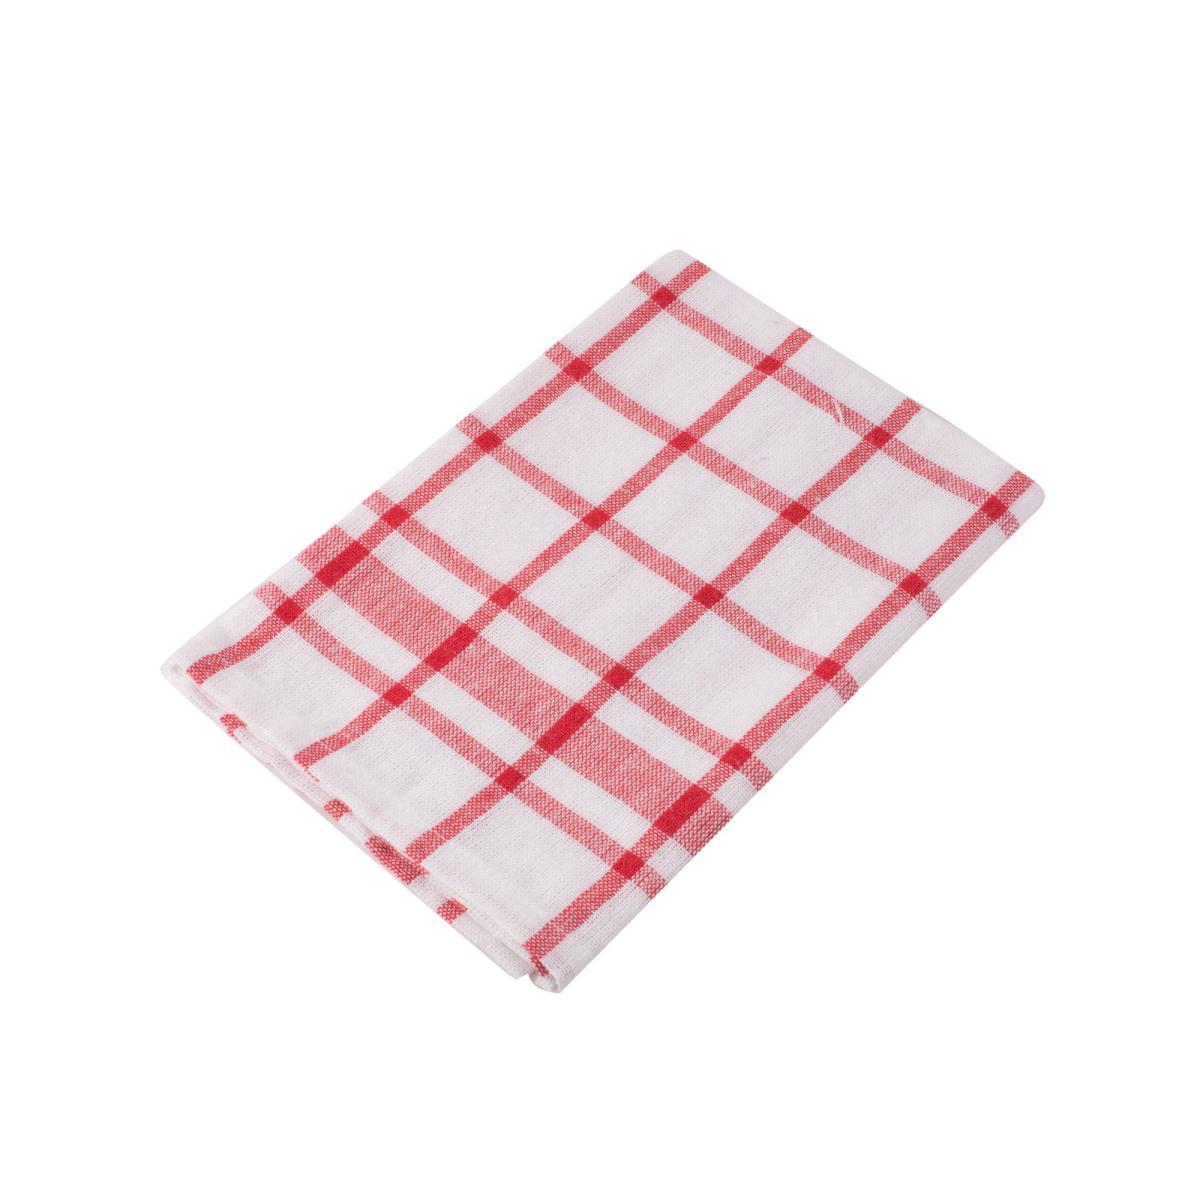 Küchenhandtücher Geschirrtuch hängenden Handtuch Küche Tuch 10x10cm